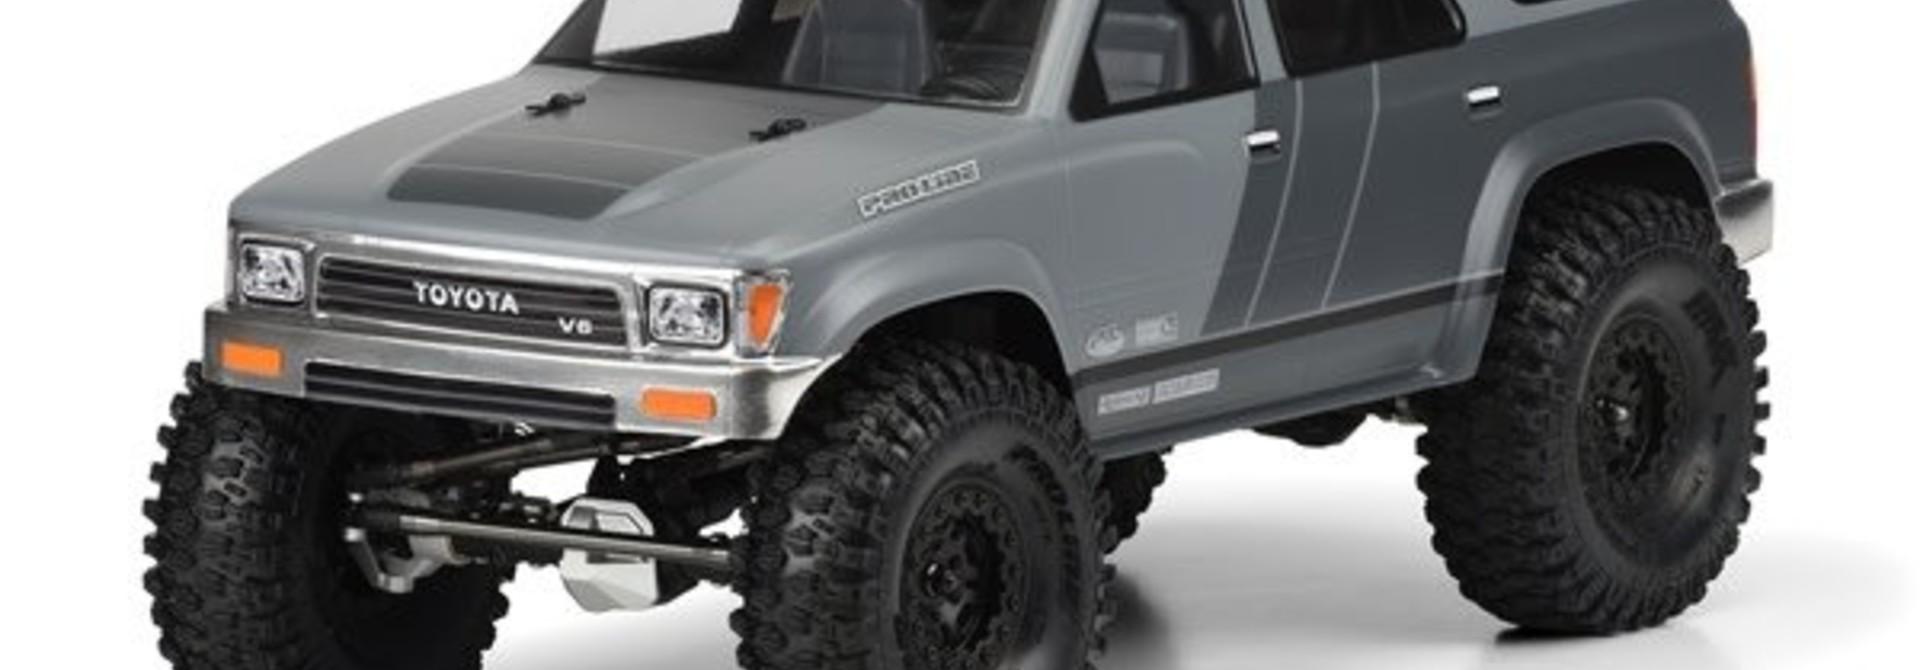 """""""1991 Toyota 4Runner Clear Body for 12.3"""""""" (313mm) Wheelbase, PR3481-00"""